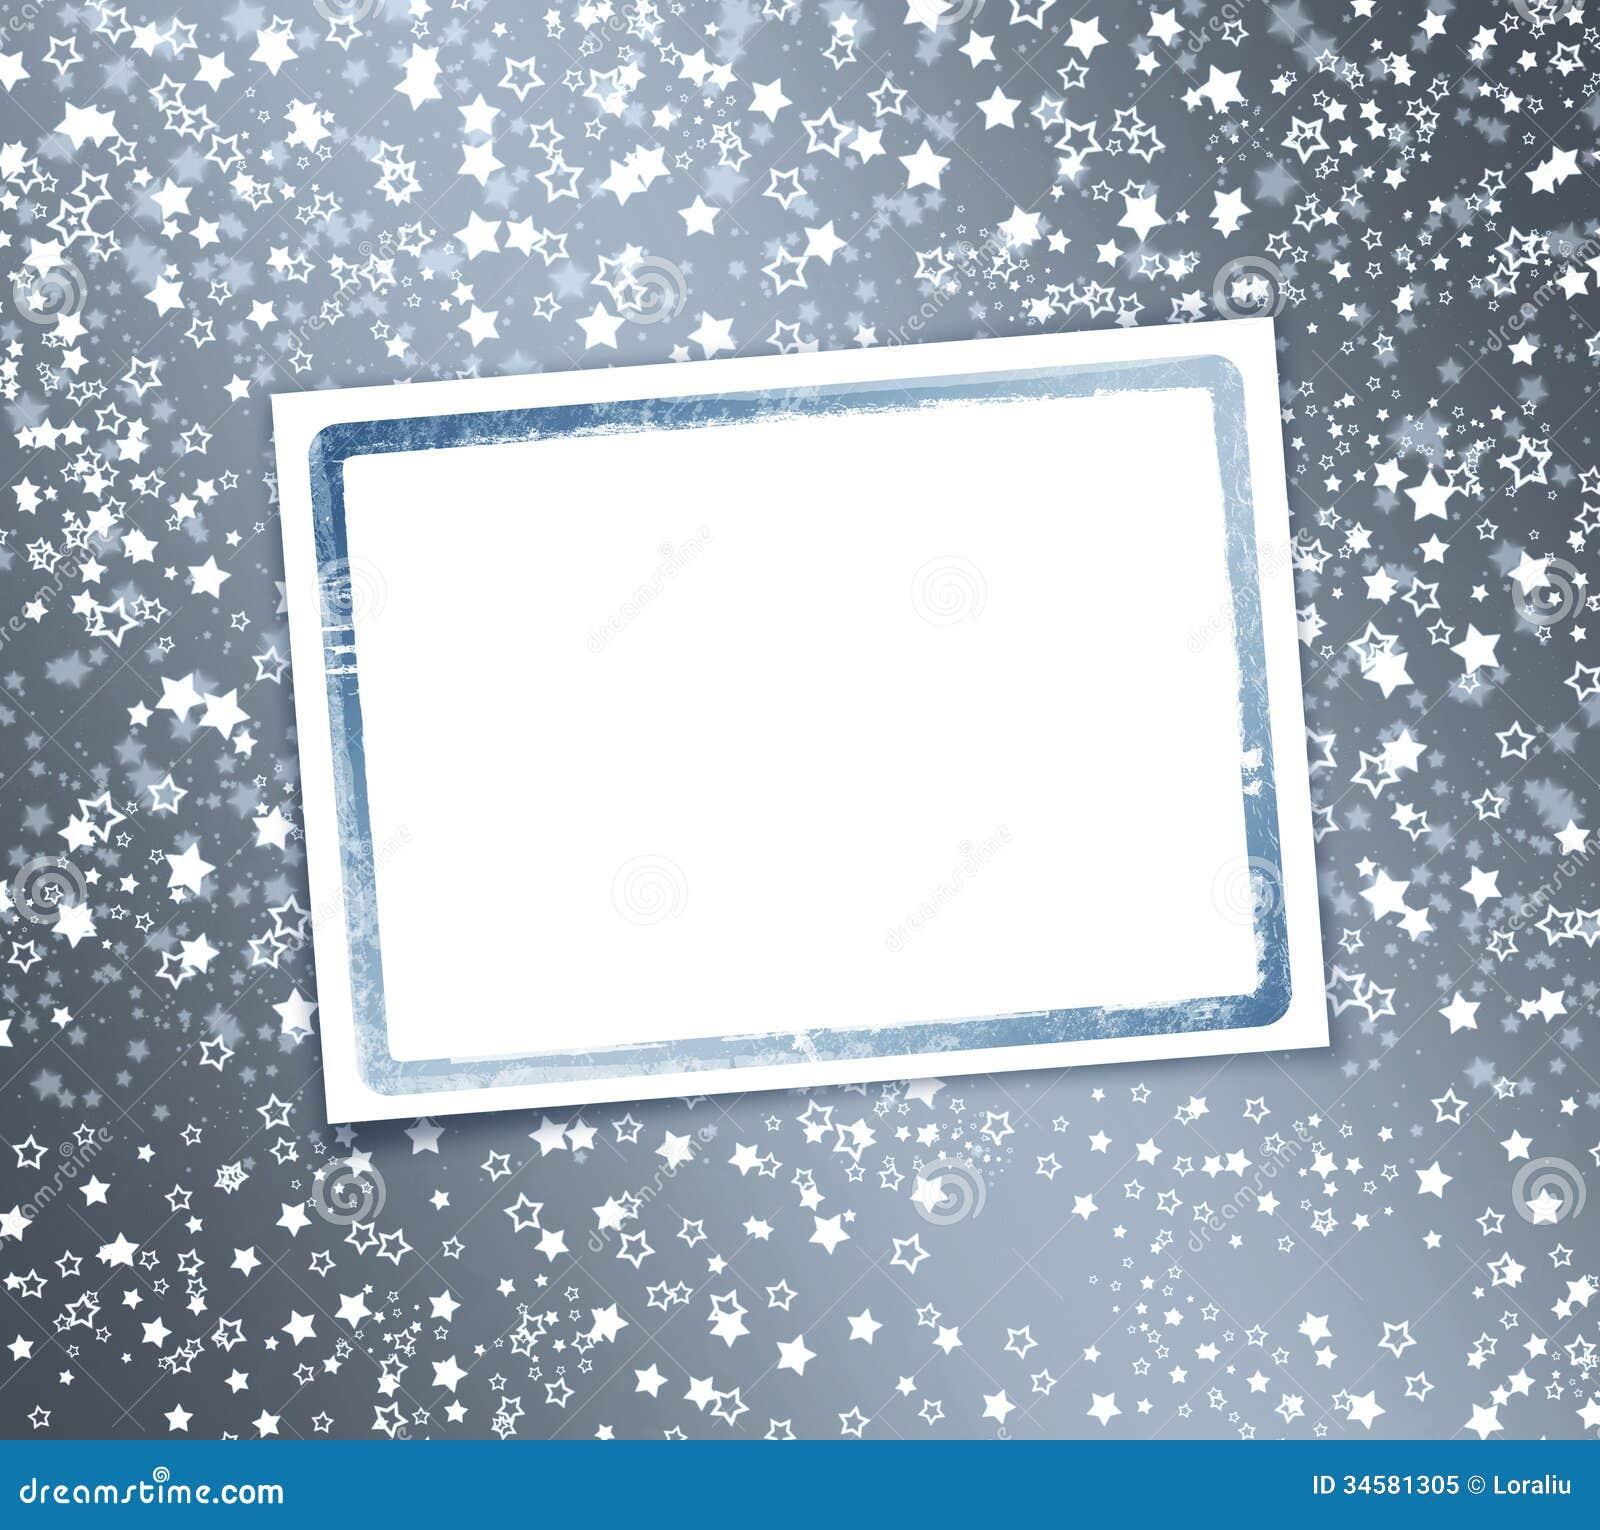 Abstrakter Hintergrund mit Schneeflocken, Sterne